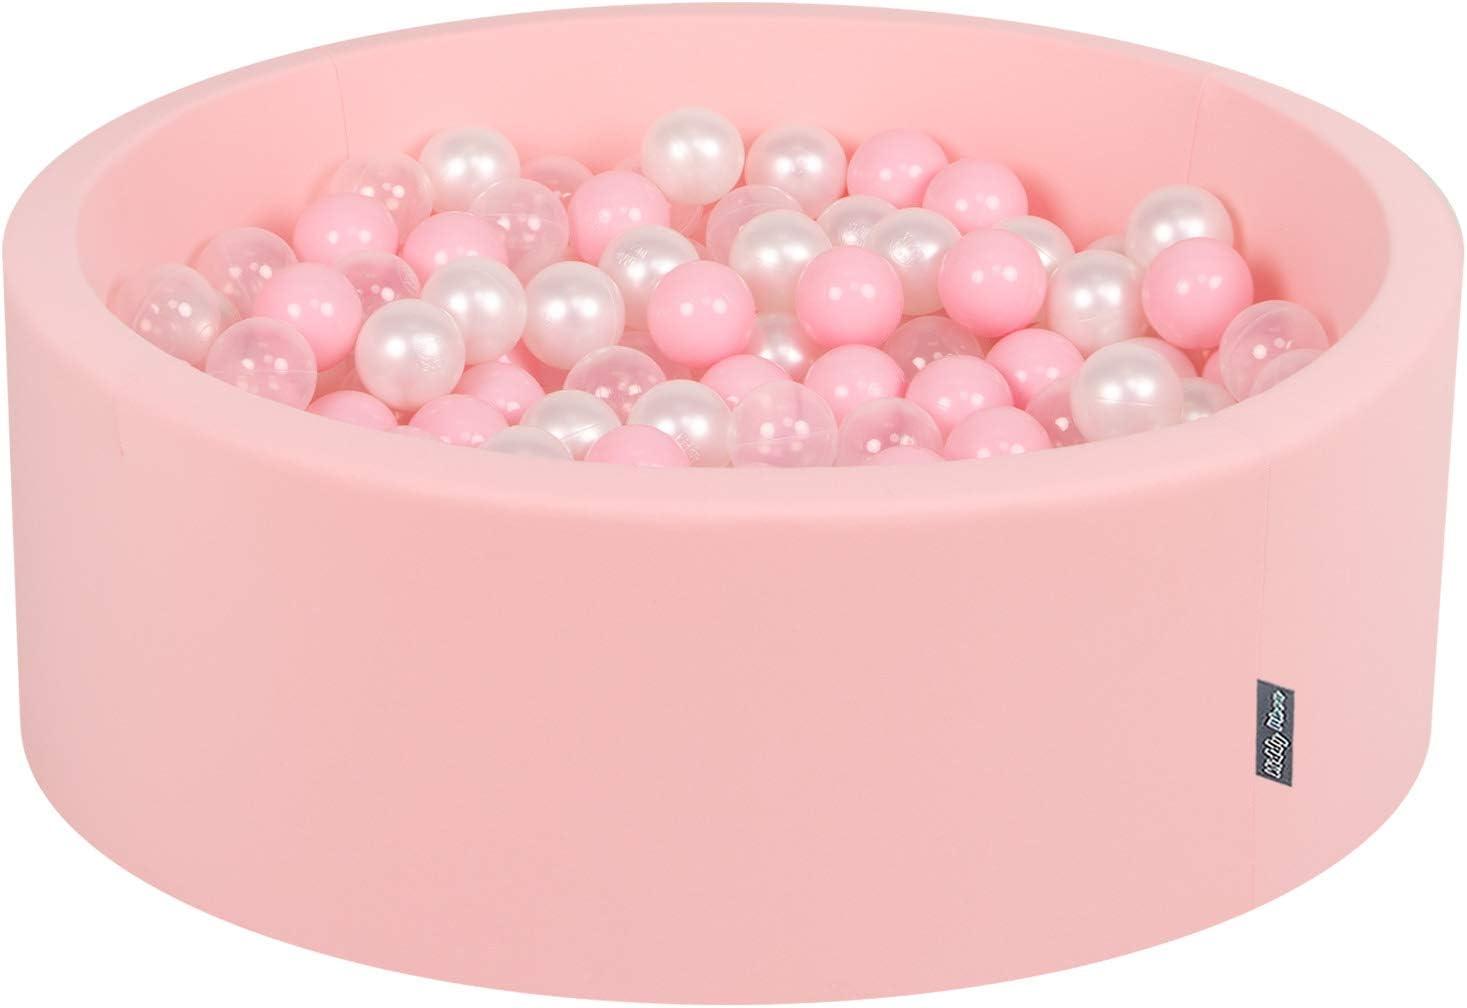 KiddyMoon 90X30cm/200 Bolas ∅ 7Cm Piscina De Bolas para Ninos Hecha En La UE, Rosa:Rosa Clr,Perla,Transparente